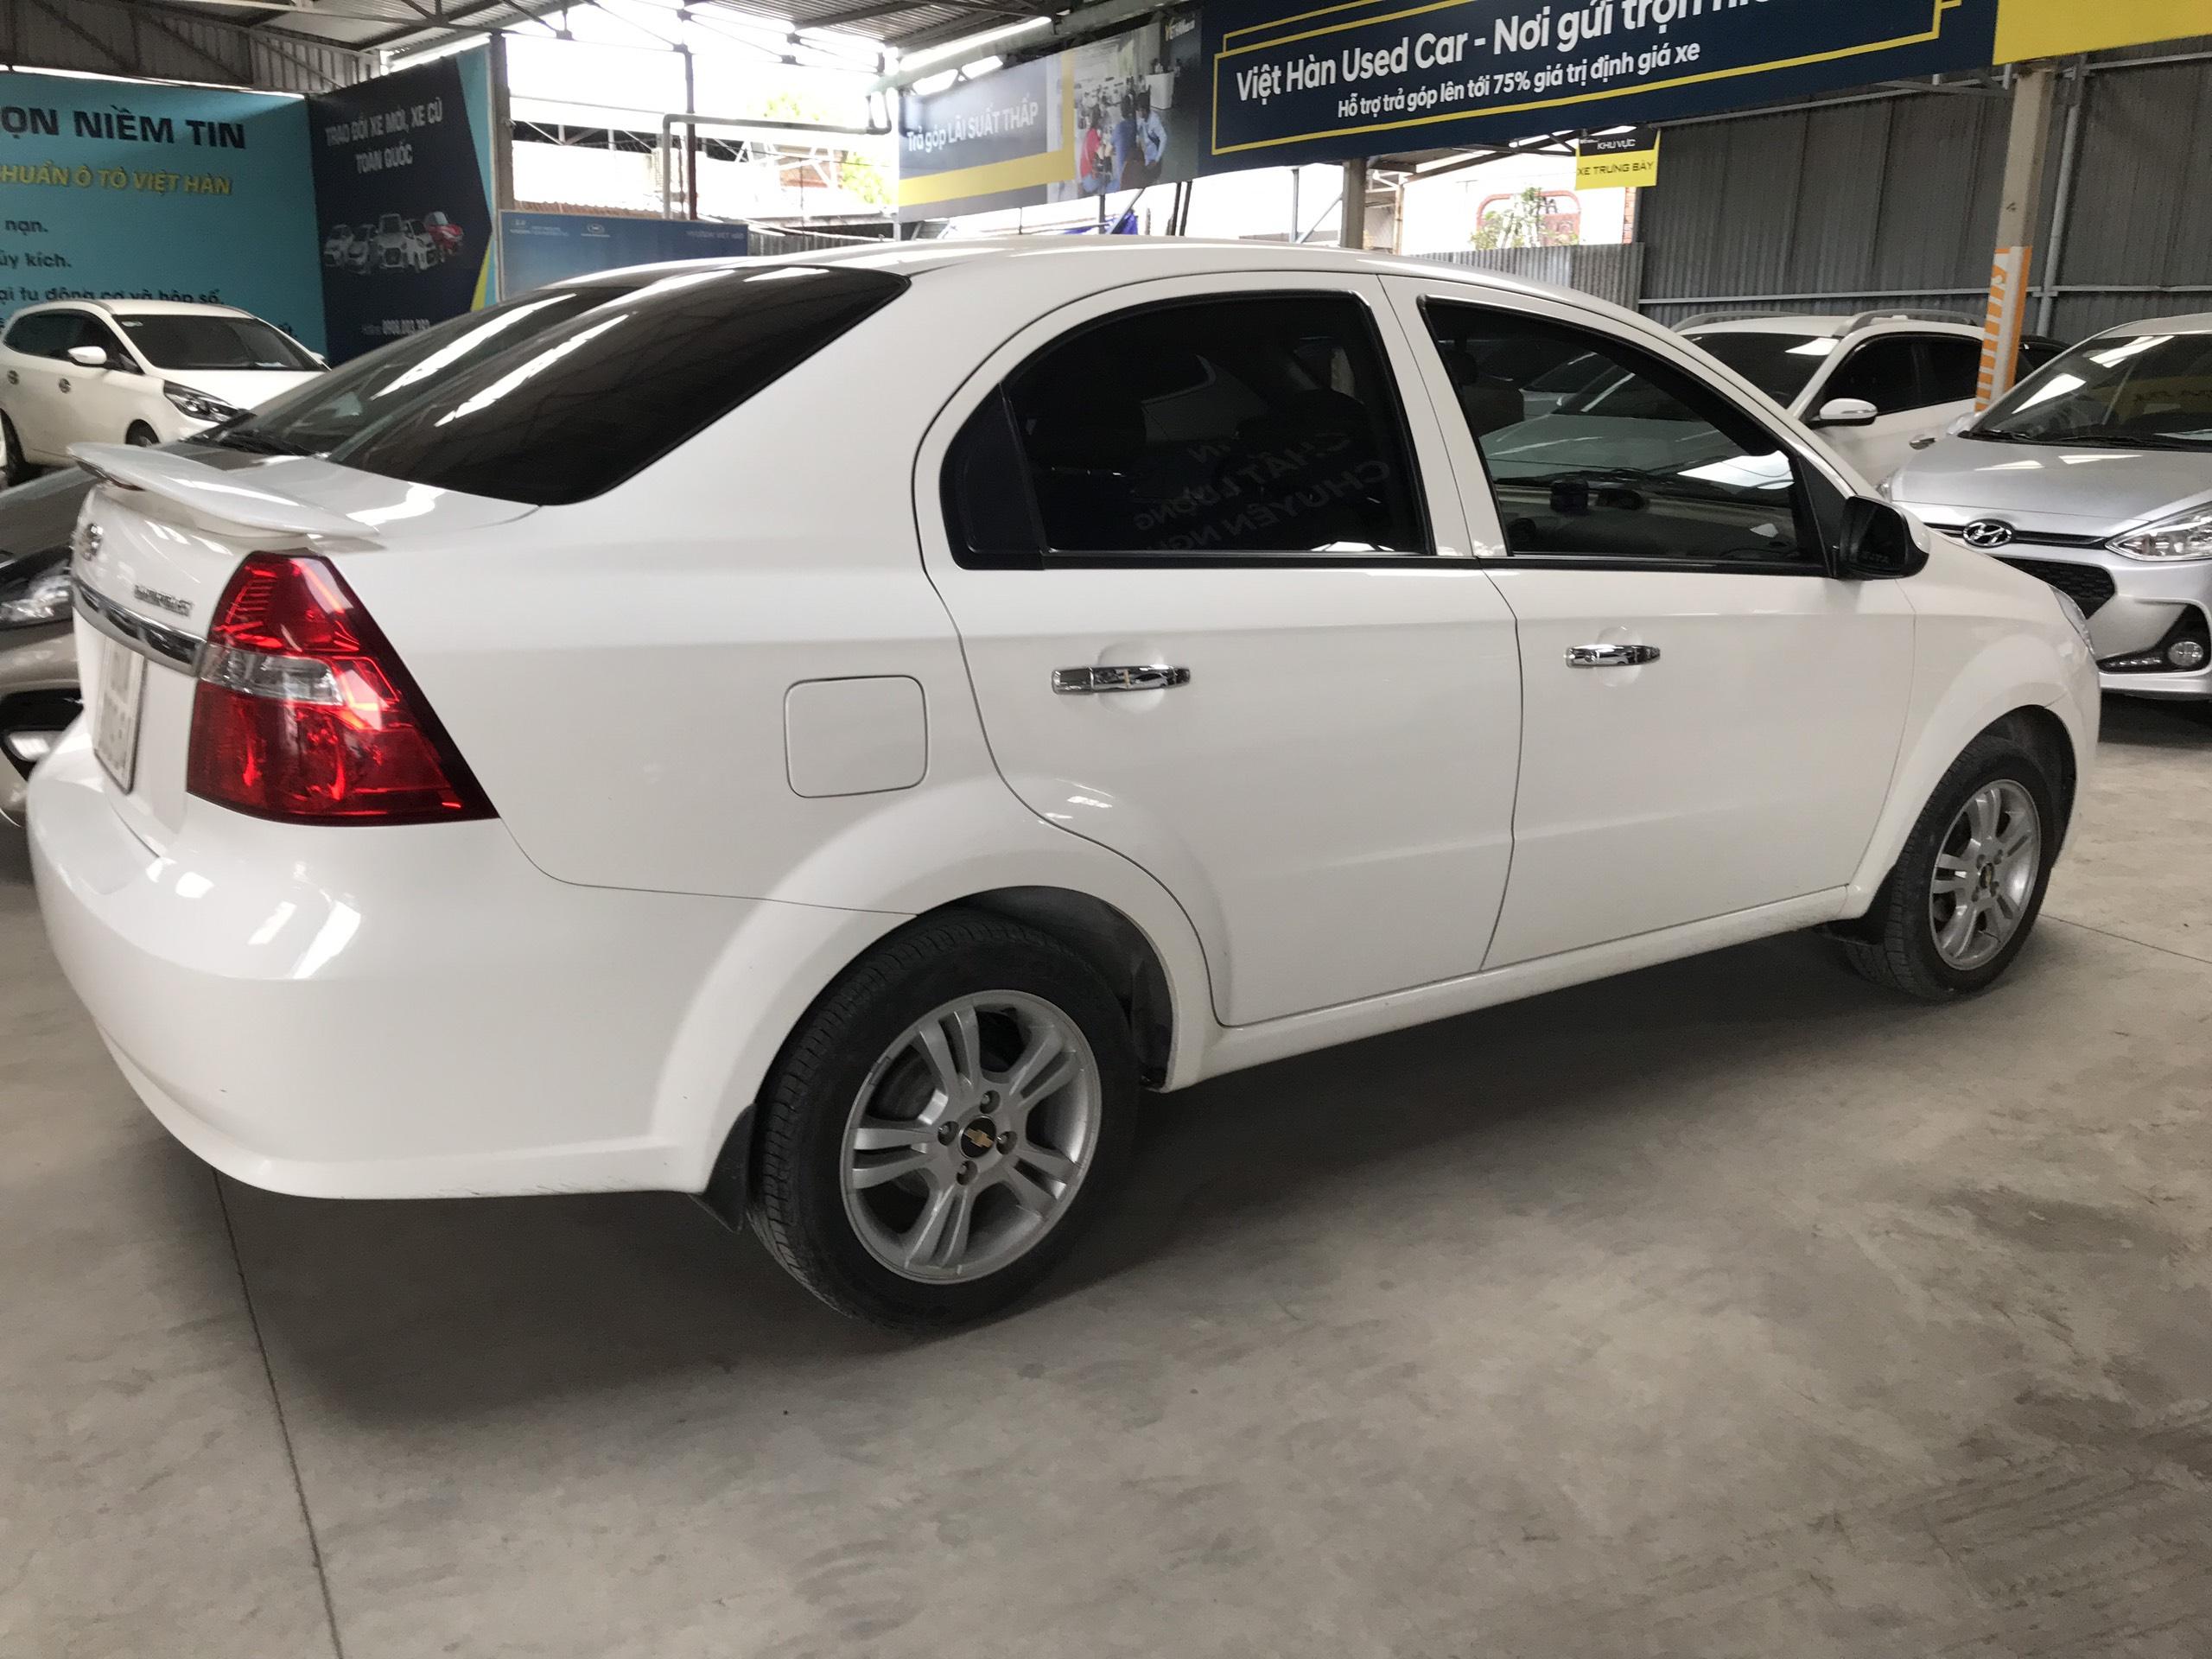 Bán Chevrolet Aveo LTZ 1.5AT màu trắng số tự động sản xuất 2016 biển Đồng Nai 1 chủ đi 32000km